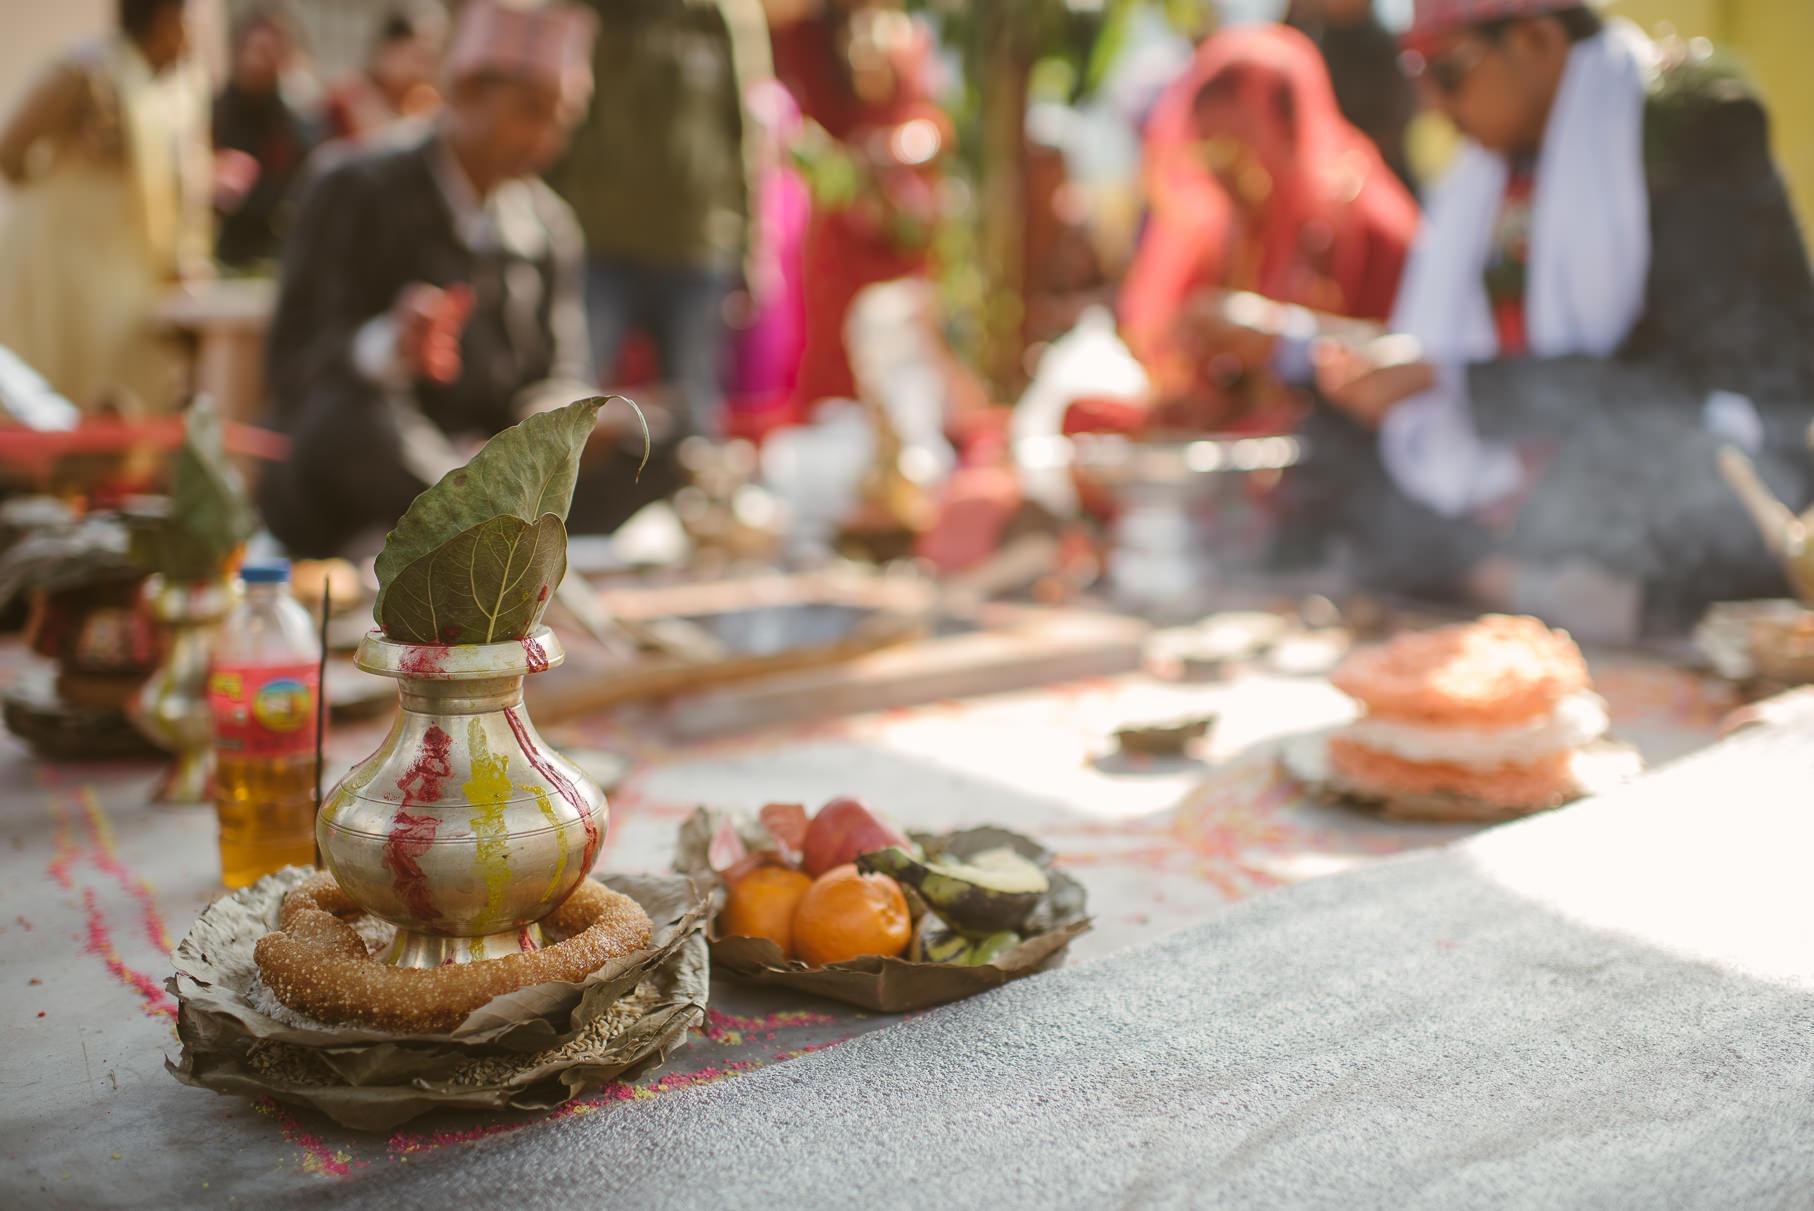 0026 anne und bjoern chitwan nationalpark nepal d75 3806 2 - Nepal Teil 3 - Roadtrip, Chitwan Nationalpark und eine spontane Hochzeit